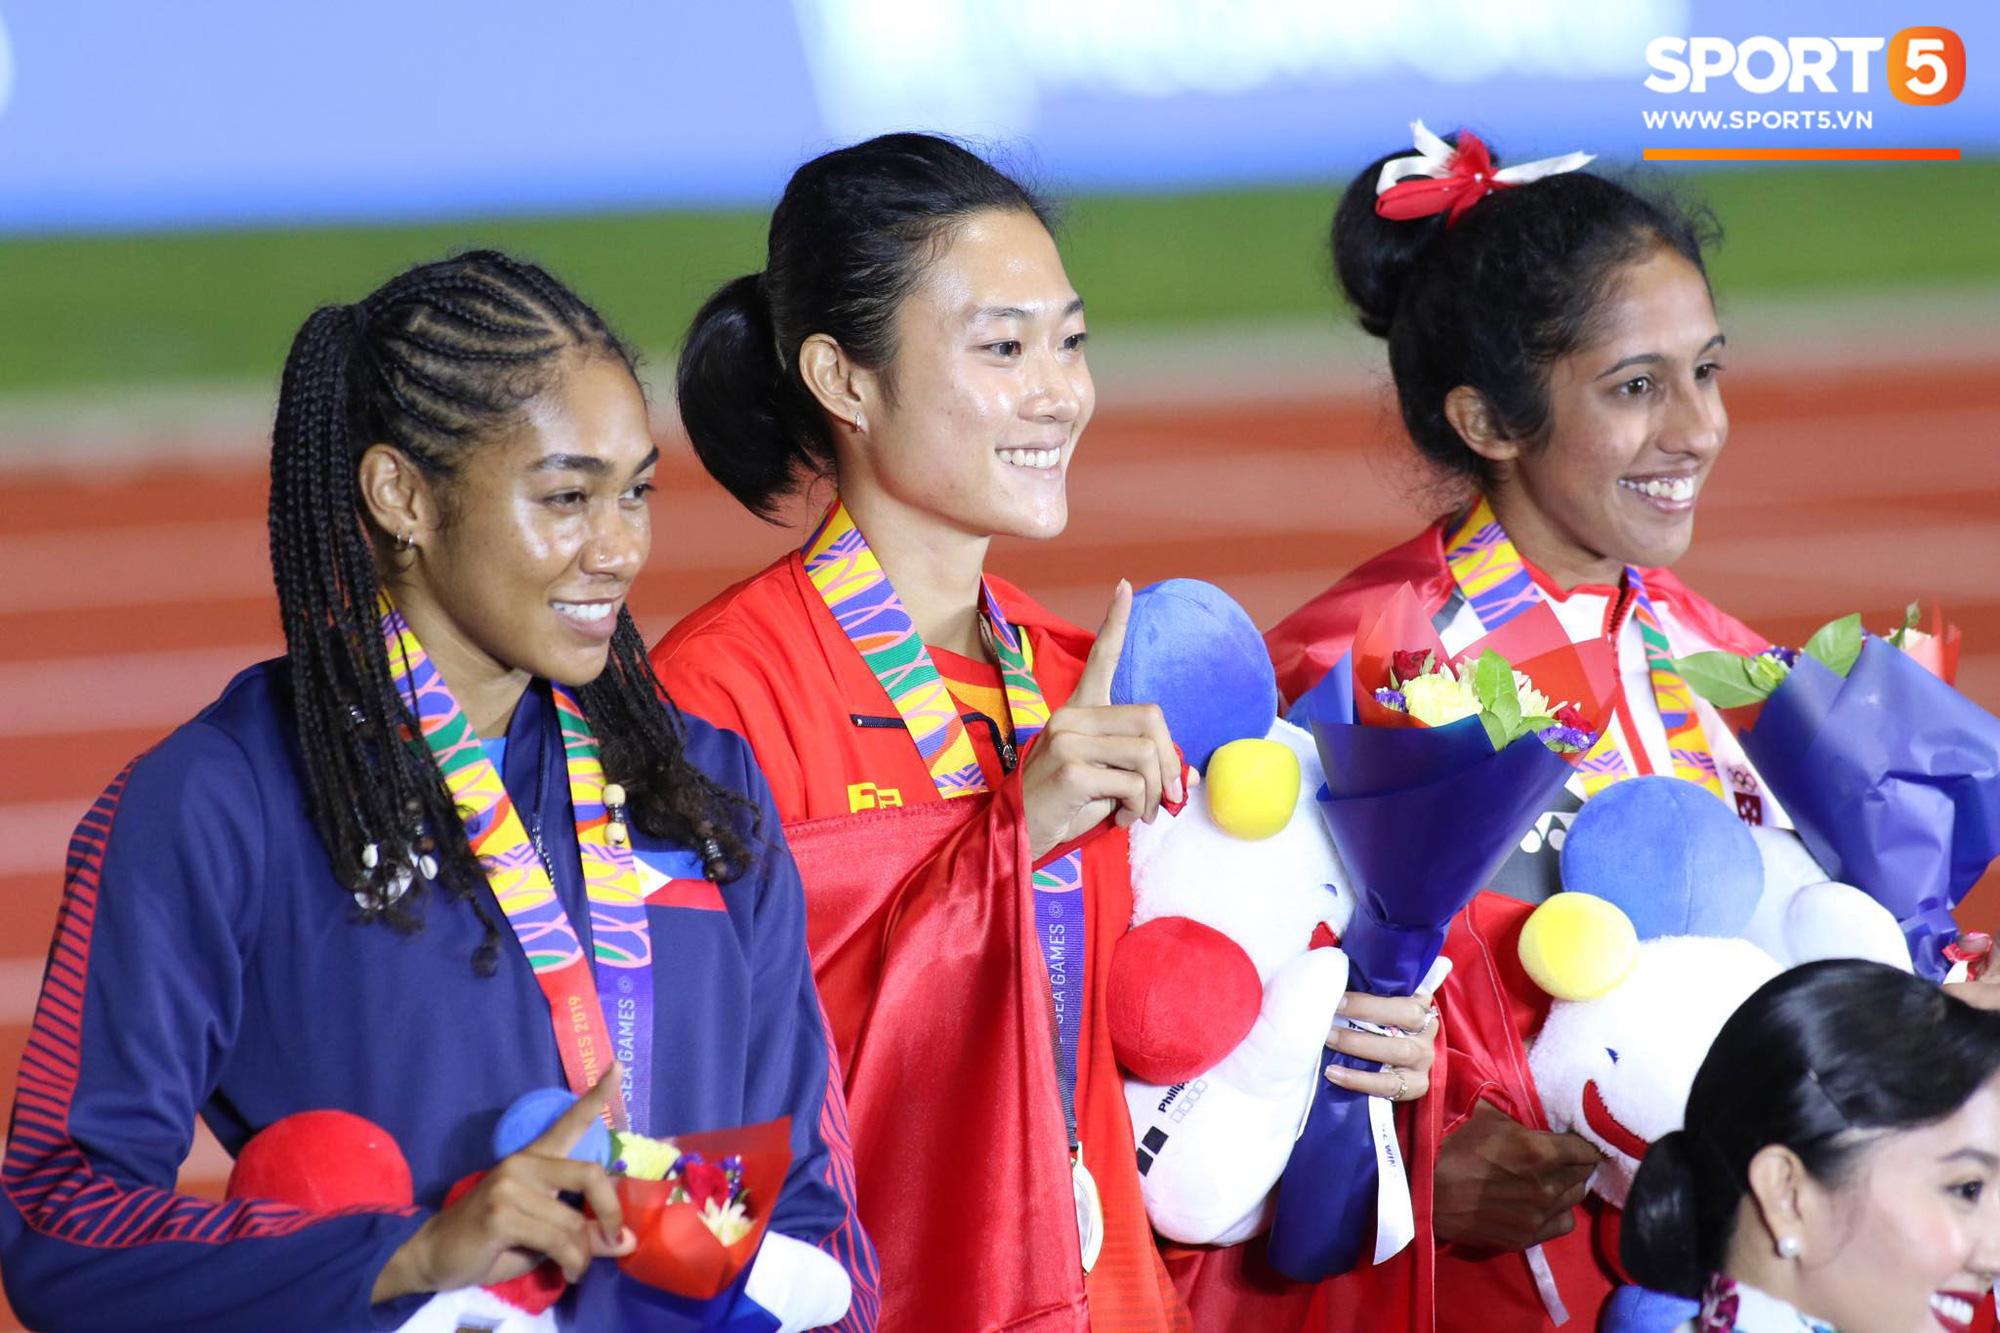 SEA Games ngày 8/12: Nữ hoàng điền kinh Tú Chinh vượt 2 VĐV nhập tịch trong tích tắc, xuất sắc giành HCV chung cuộc - Ảnh 13.